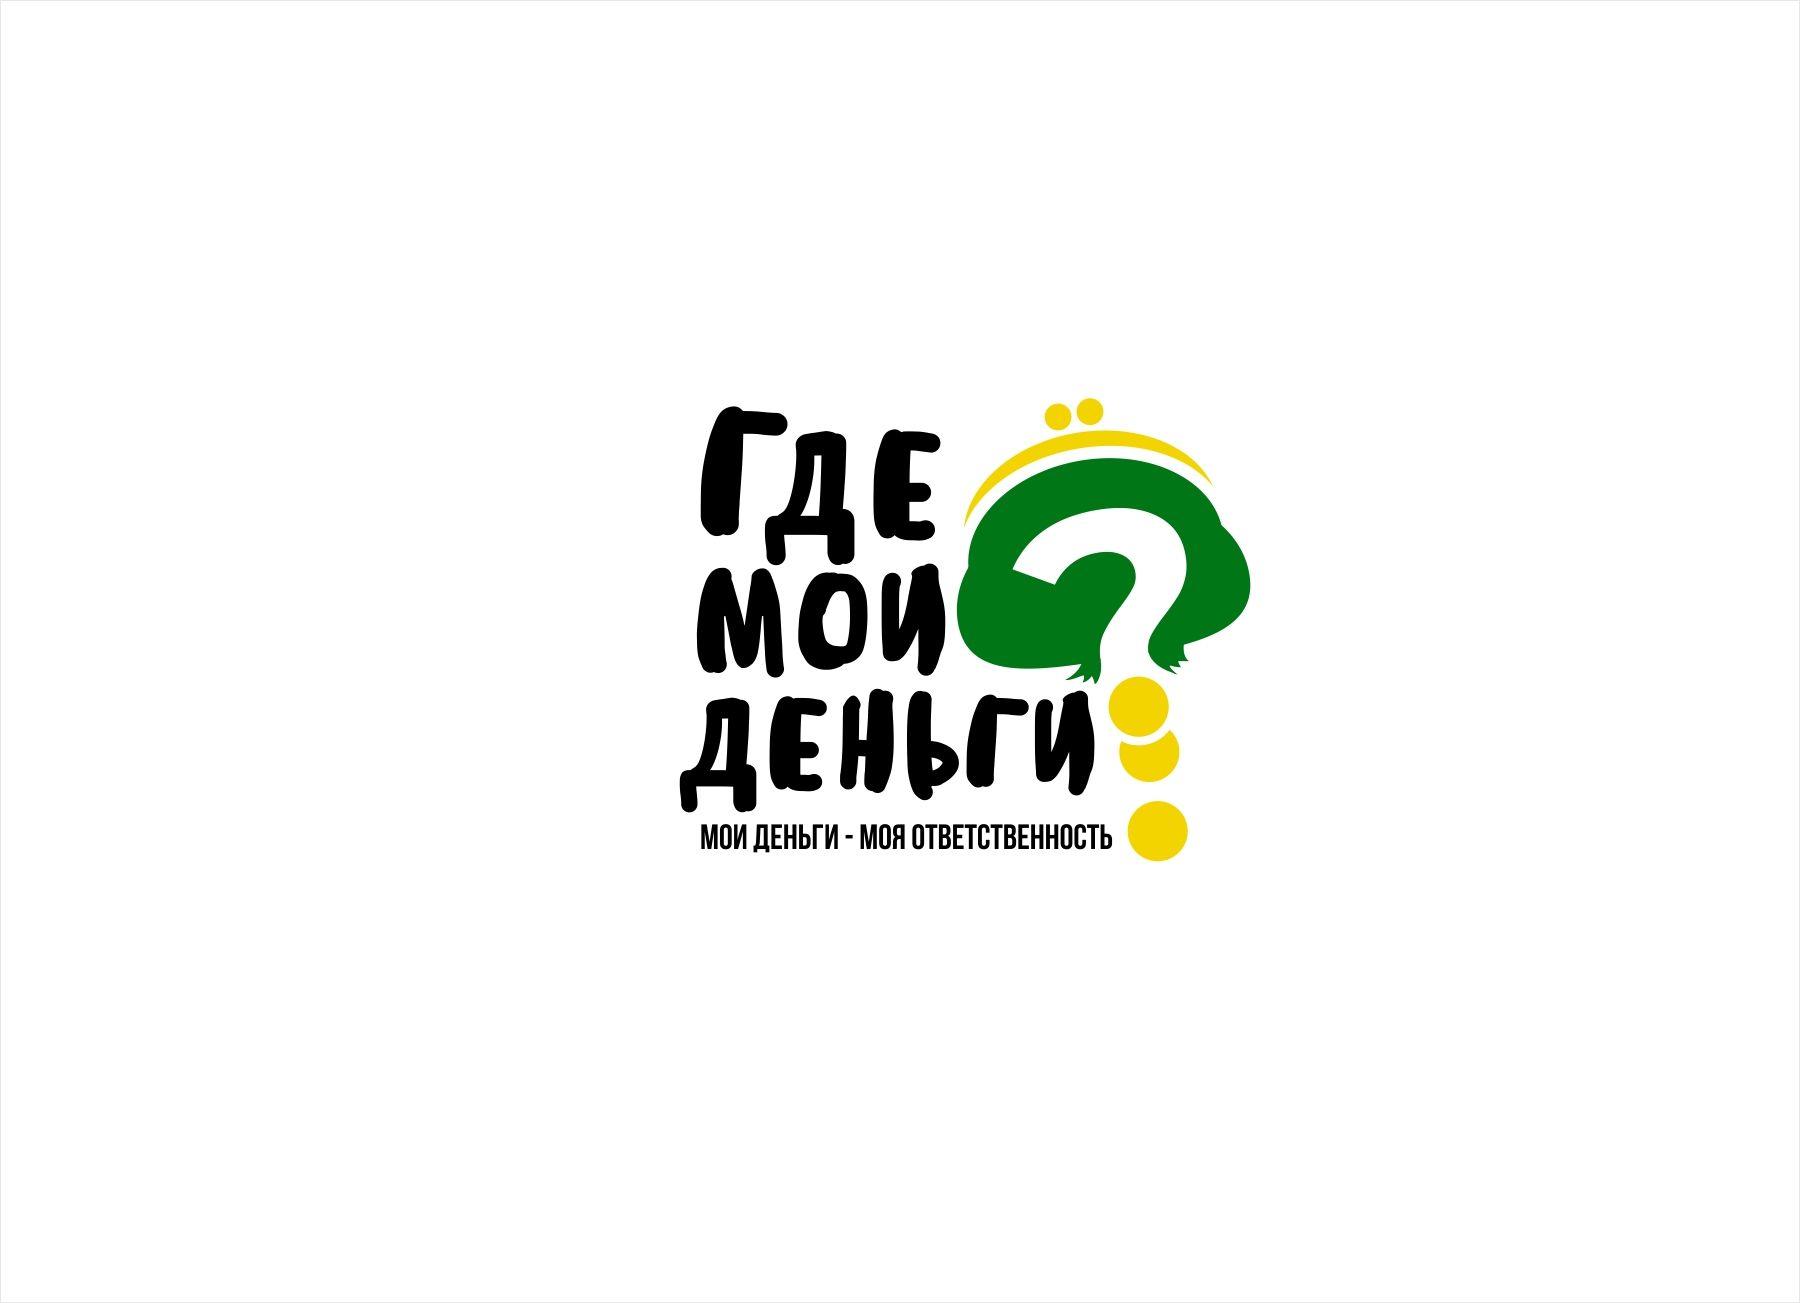 Логотип для Где мои деньги? - дизайнер kras-sky